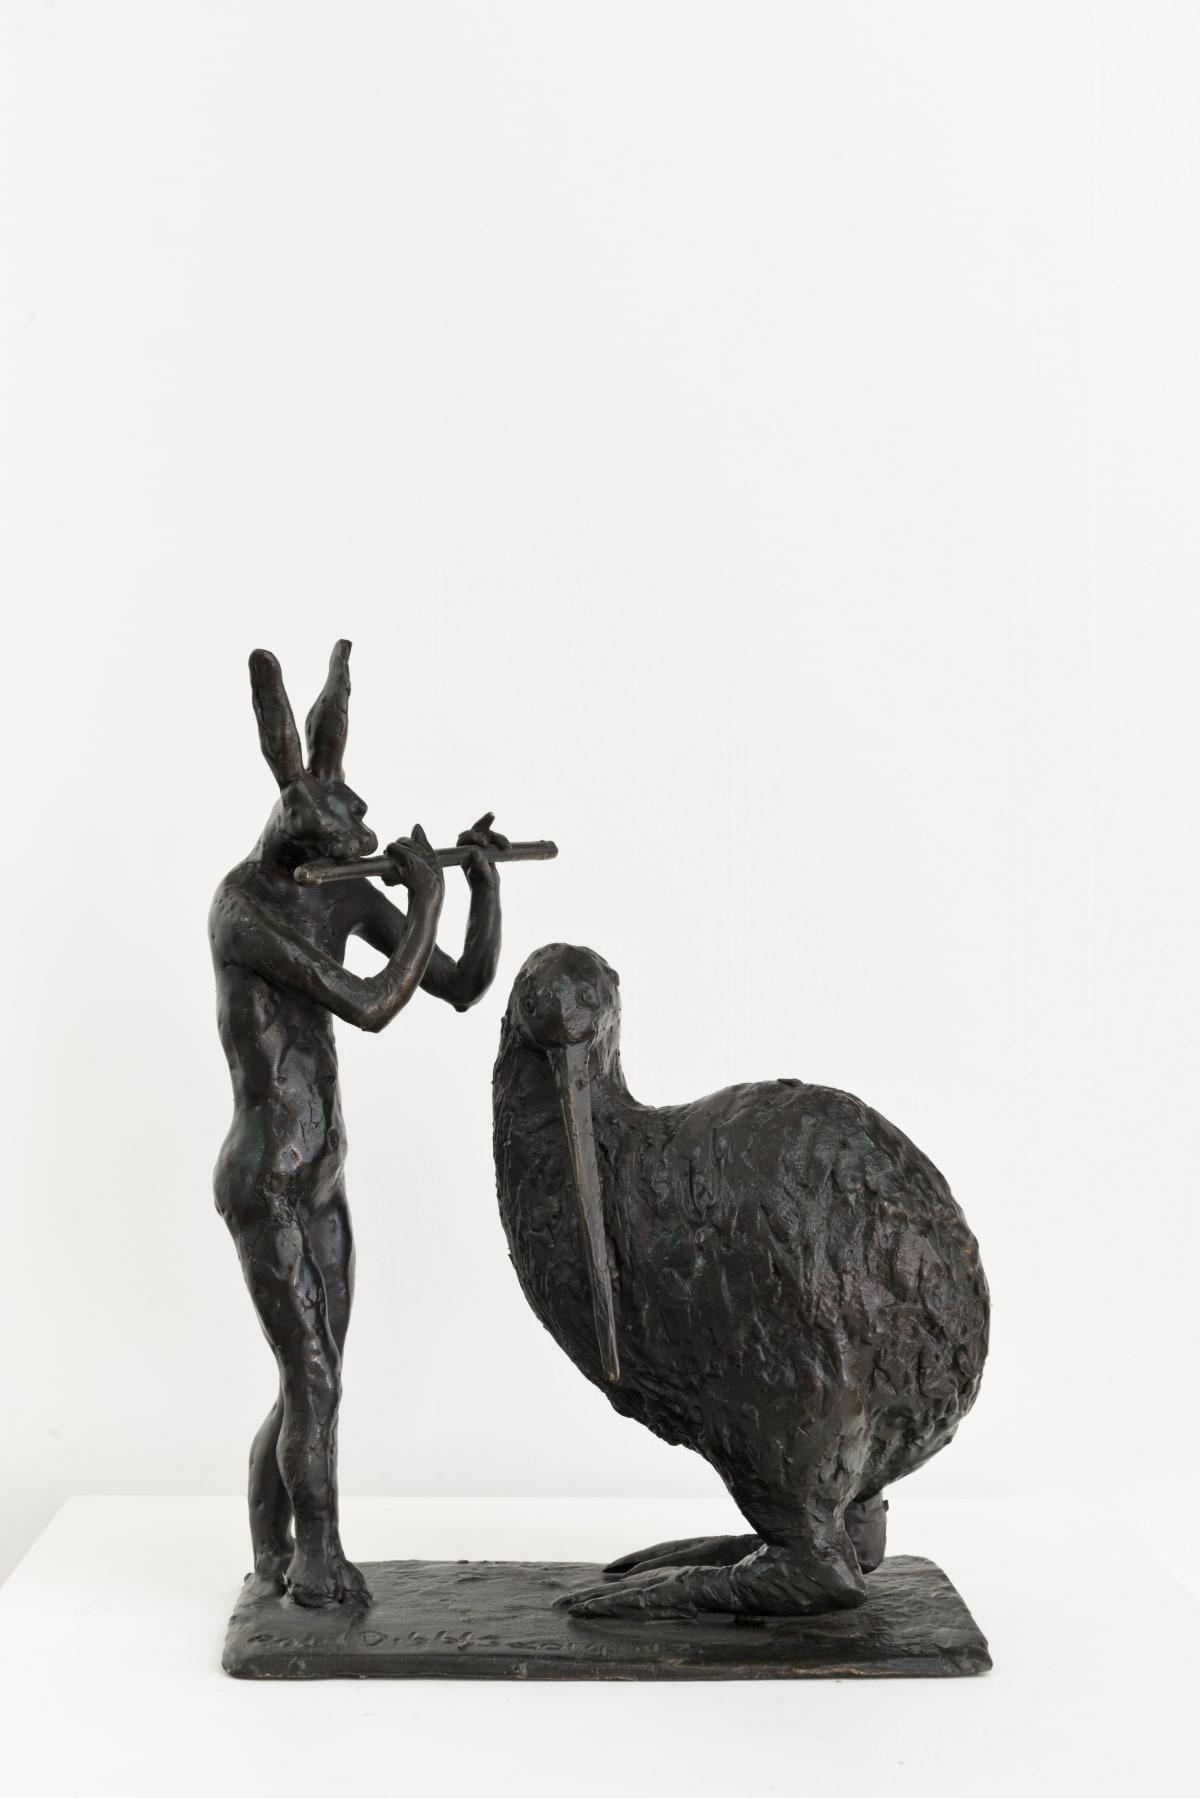 Paul DIBBLE Good Night Kiwi, 2014 Cast Patinated Bronze 14.6 x 10.4 x 5.1 in 37 x 26.5 x 13 cm #1/2